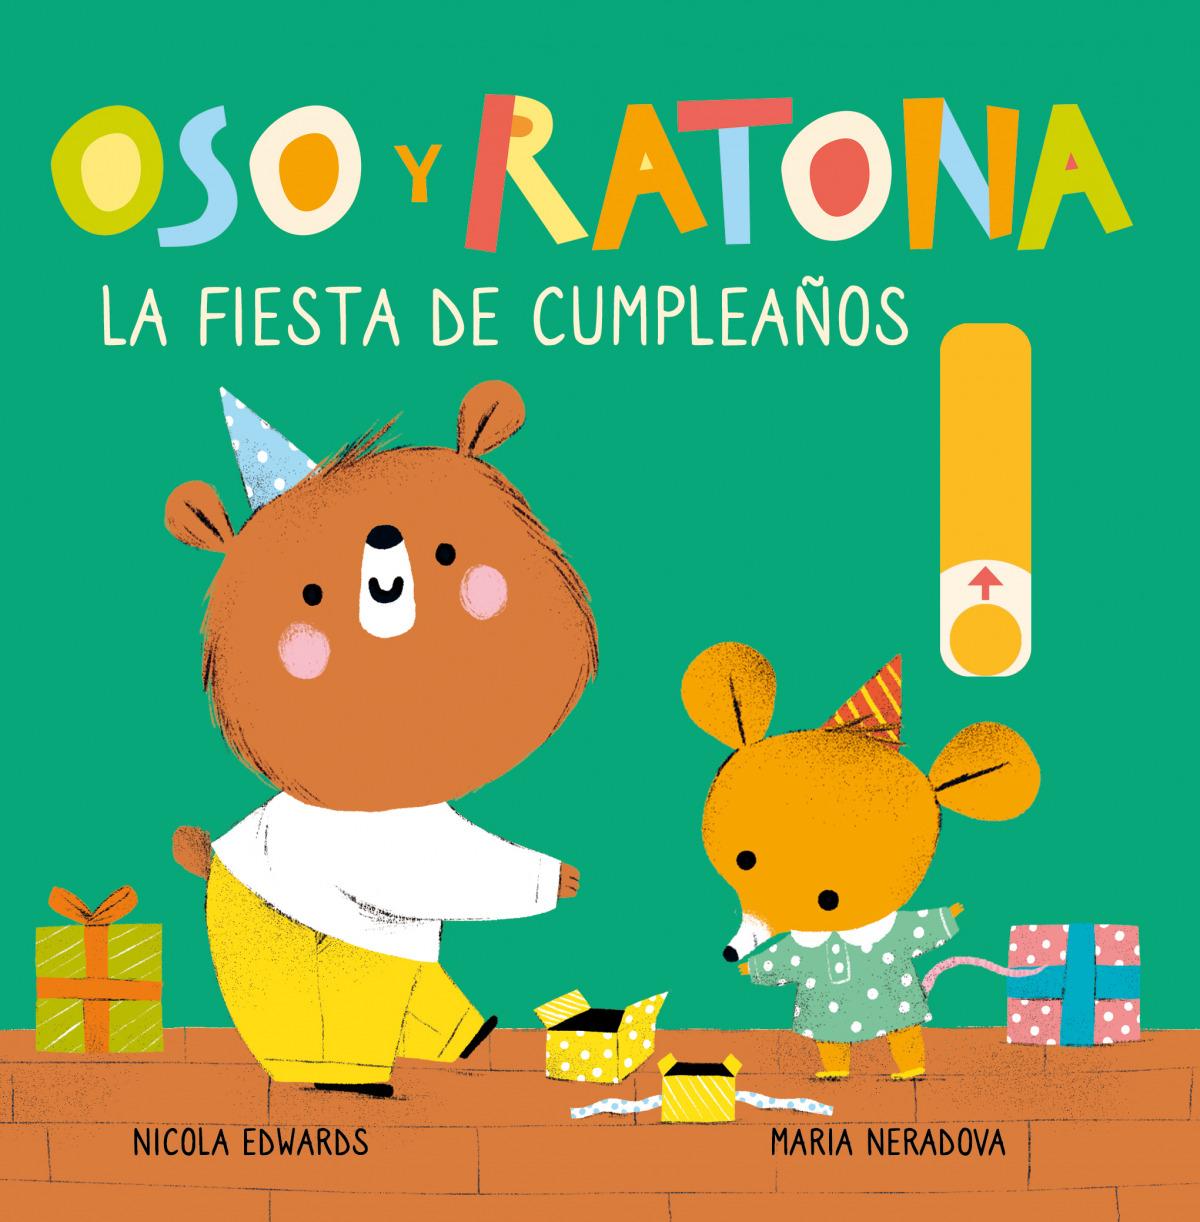 La fiesta de cumpleaños (Oso y Ratona. Pequeña manitas) 9788448857240